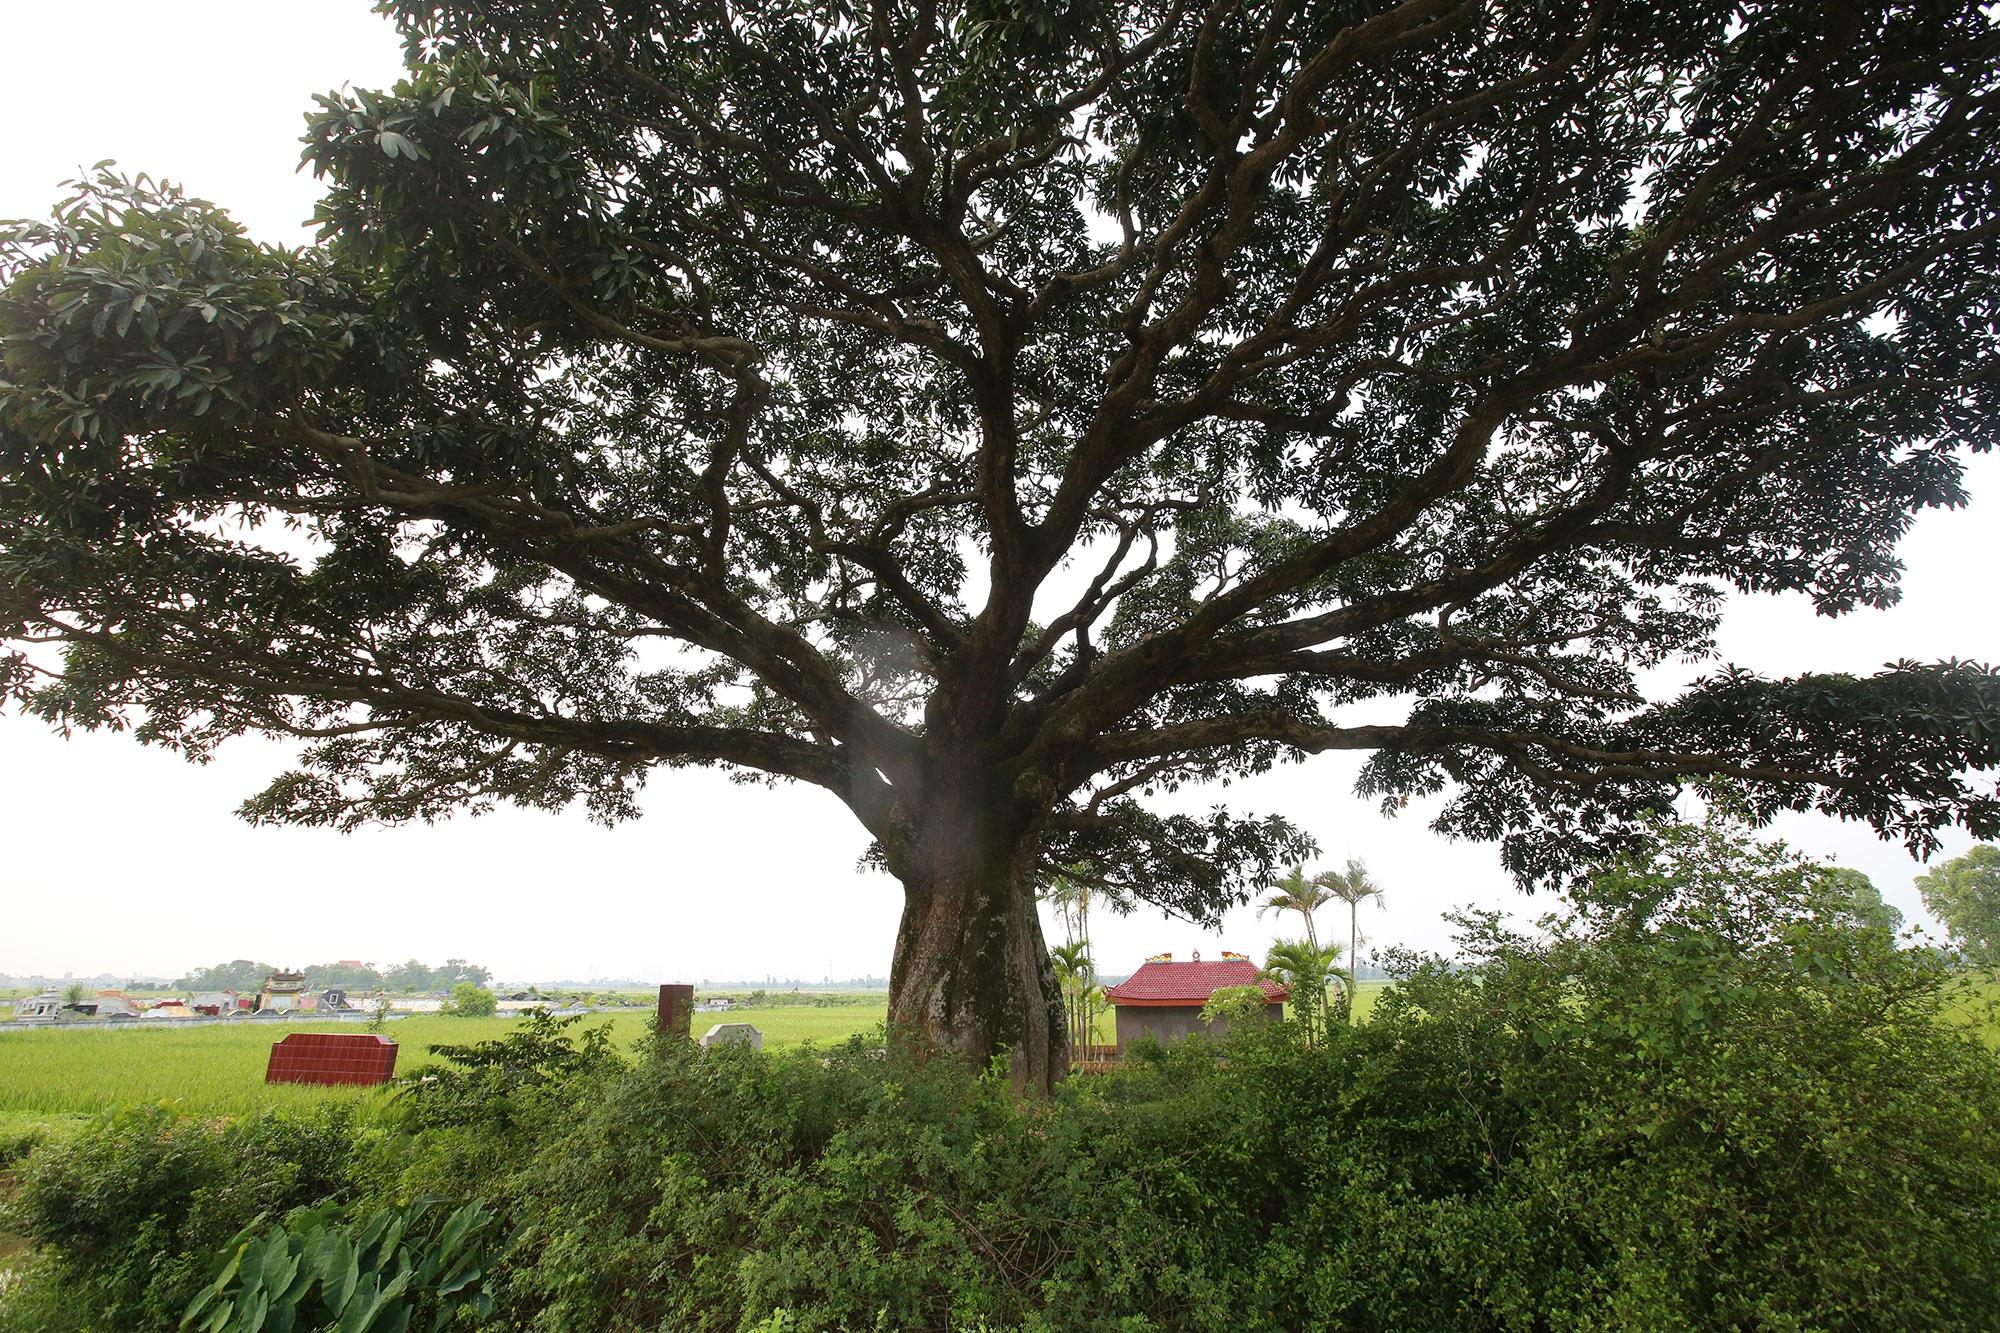 Hà Nội: Cây trôi cô đơn nghìn năm tuổi, báu vật của làng Bình Đà - 14